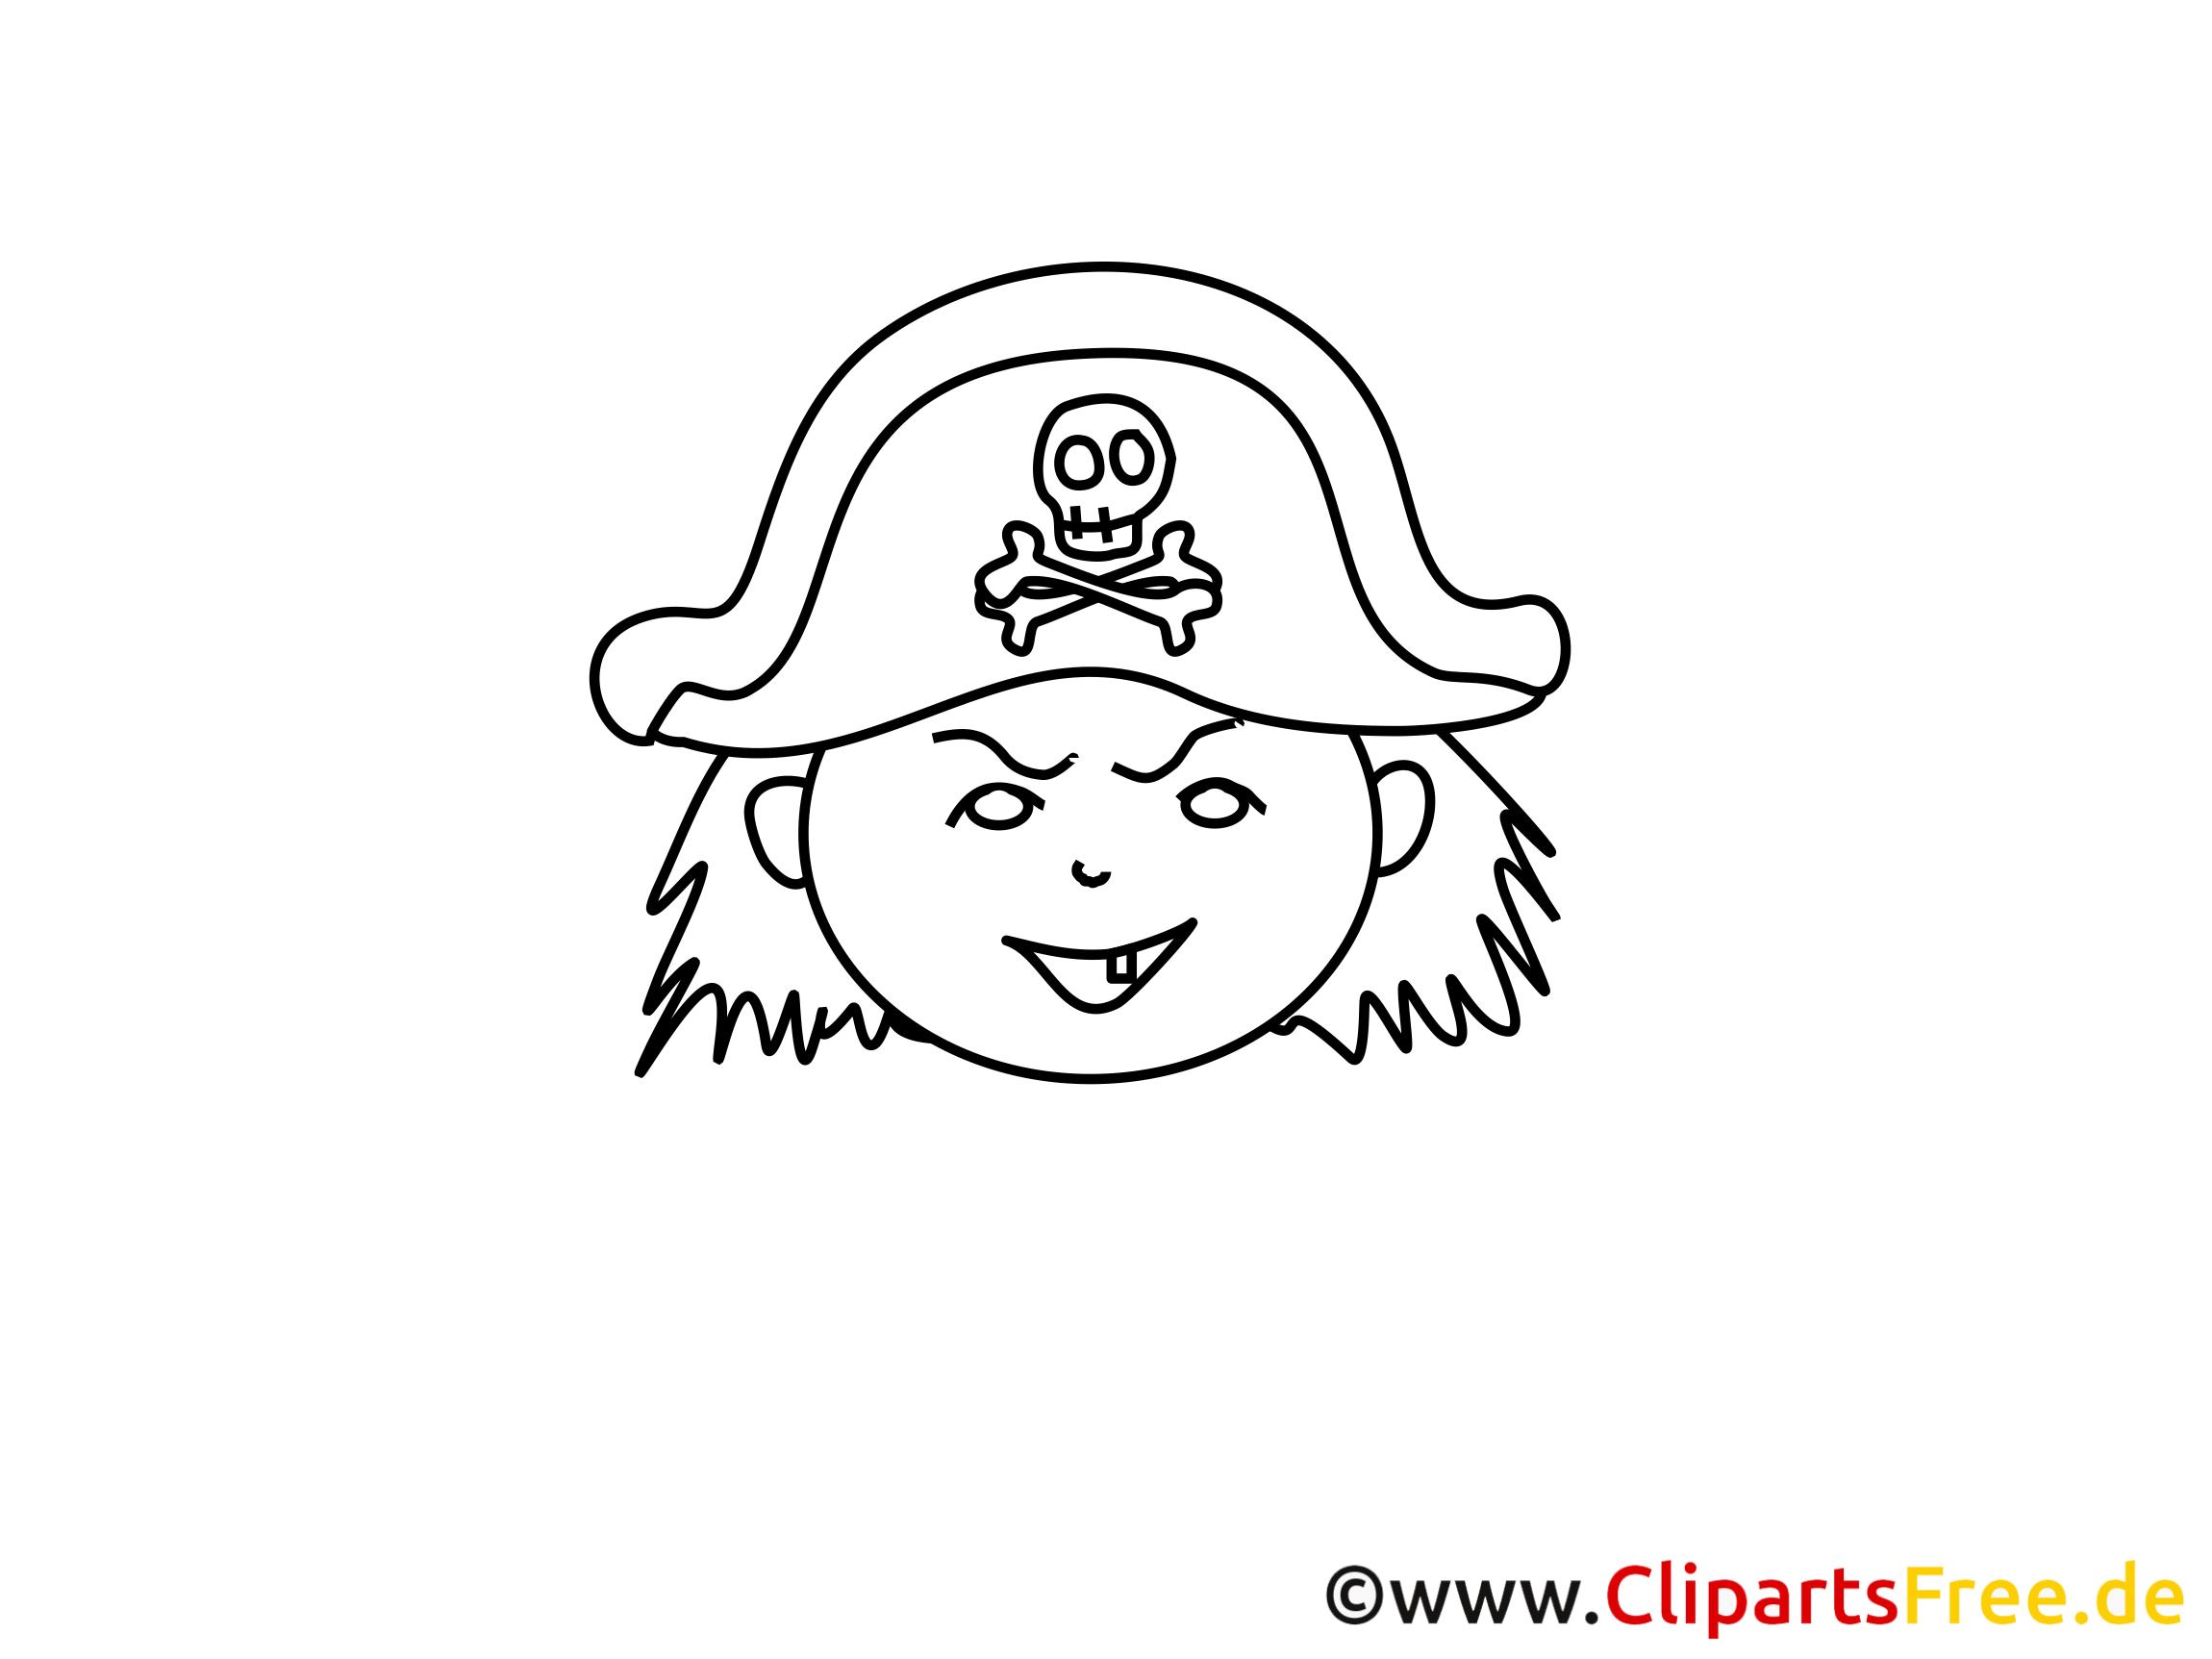 pirat bildmalvorlage